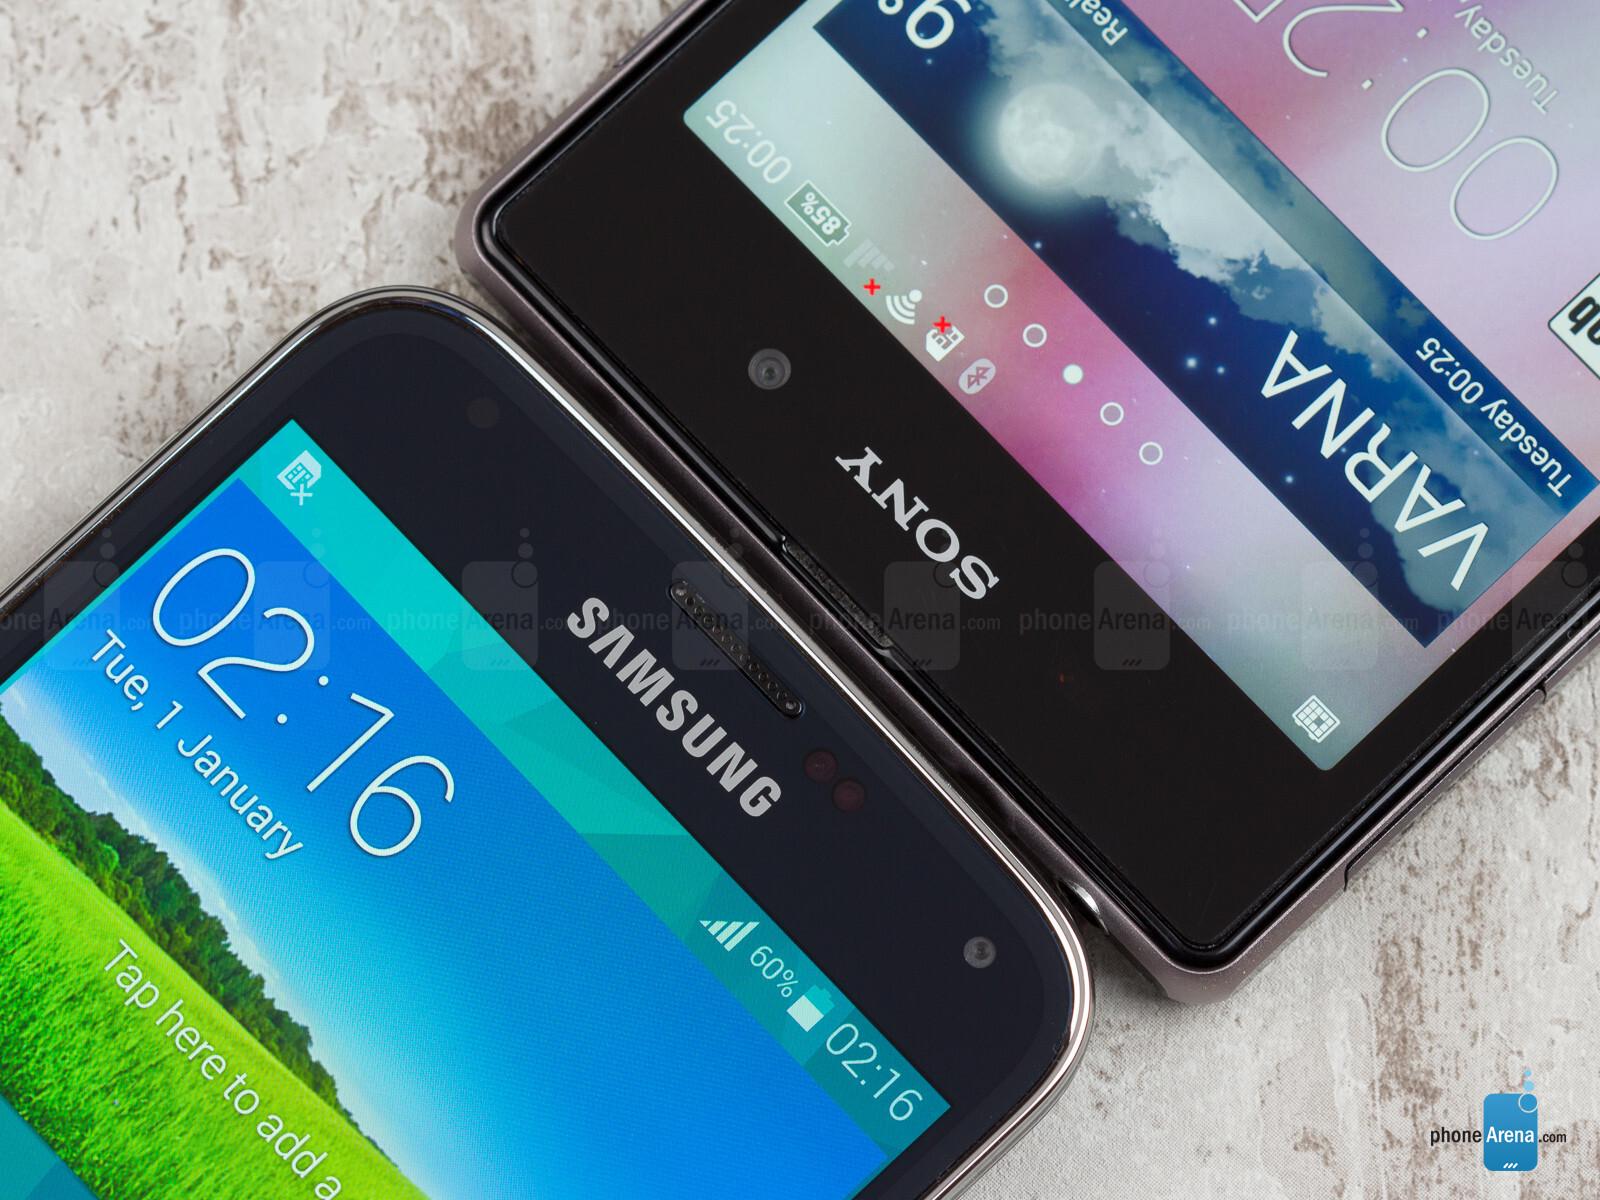 Samsung Galaxy S5 vs Sony Xperia Z1 - Call quality ...